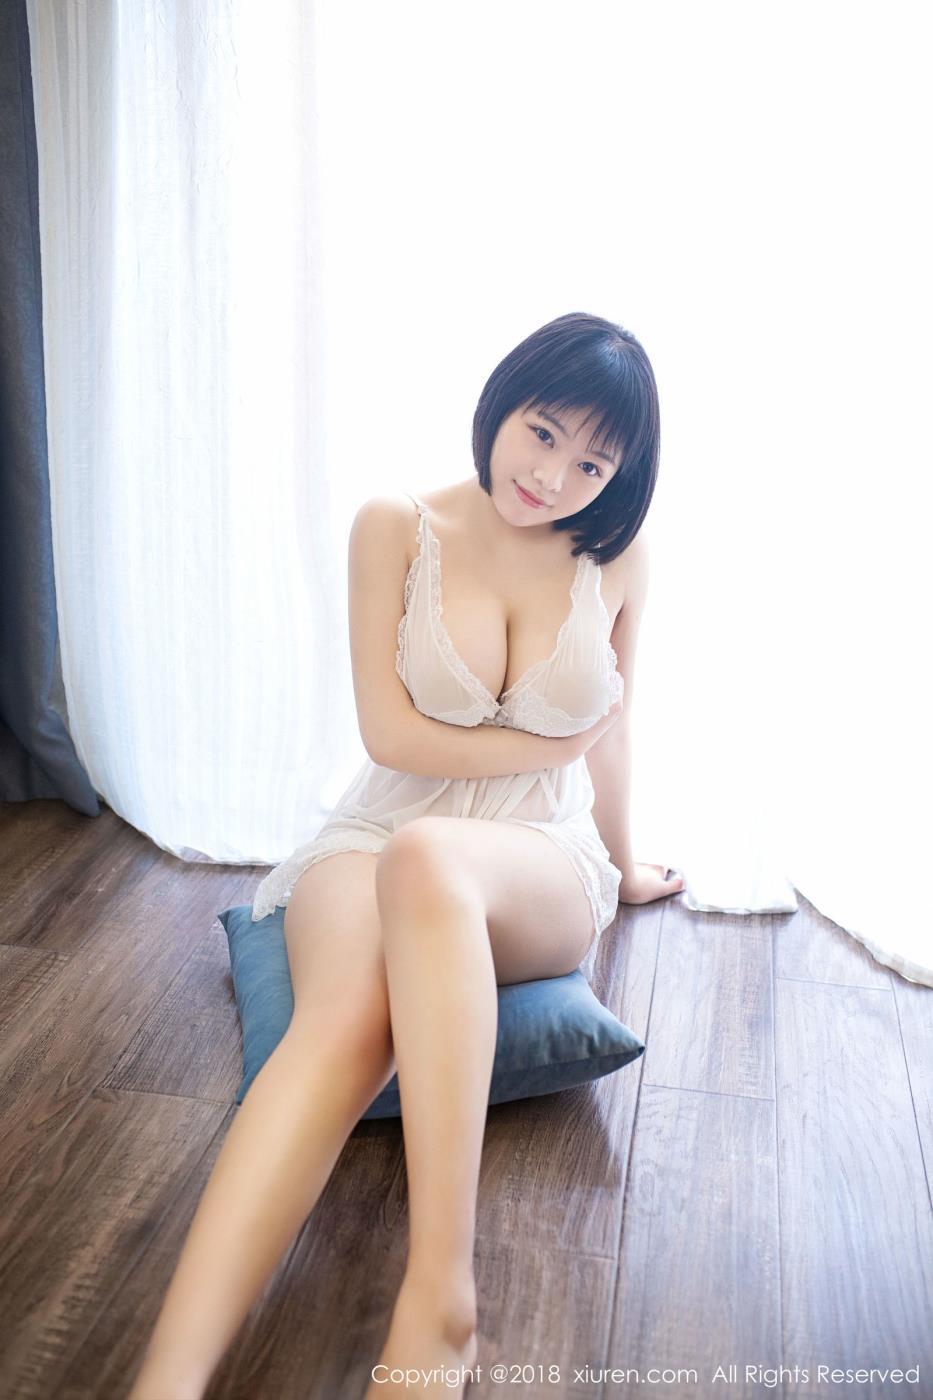 秀人网童颜巨乳少女赤间菀枫美腿诱惑高清写真套图